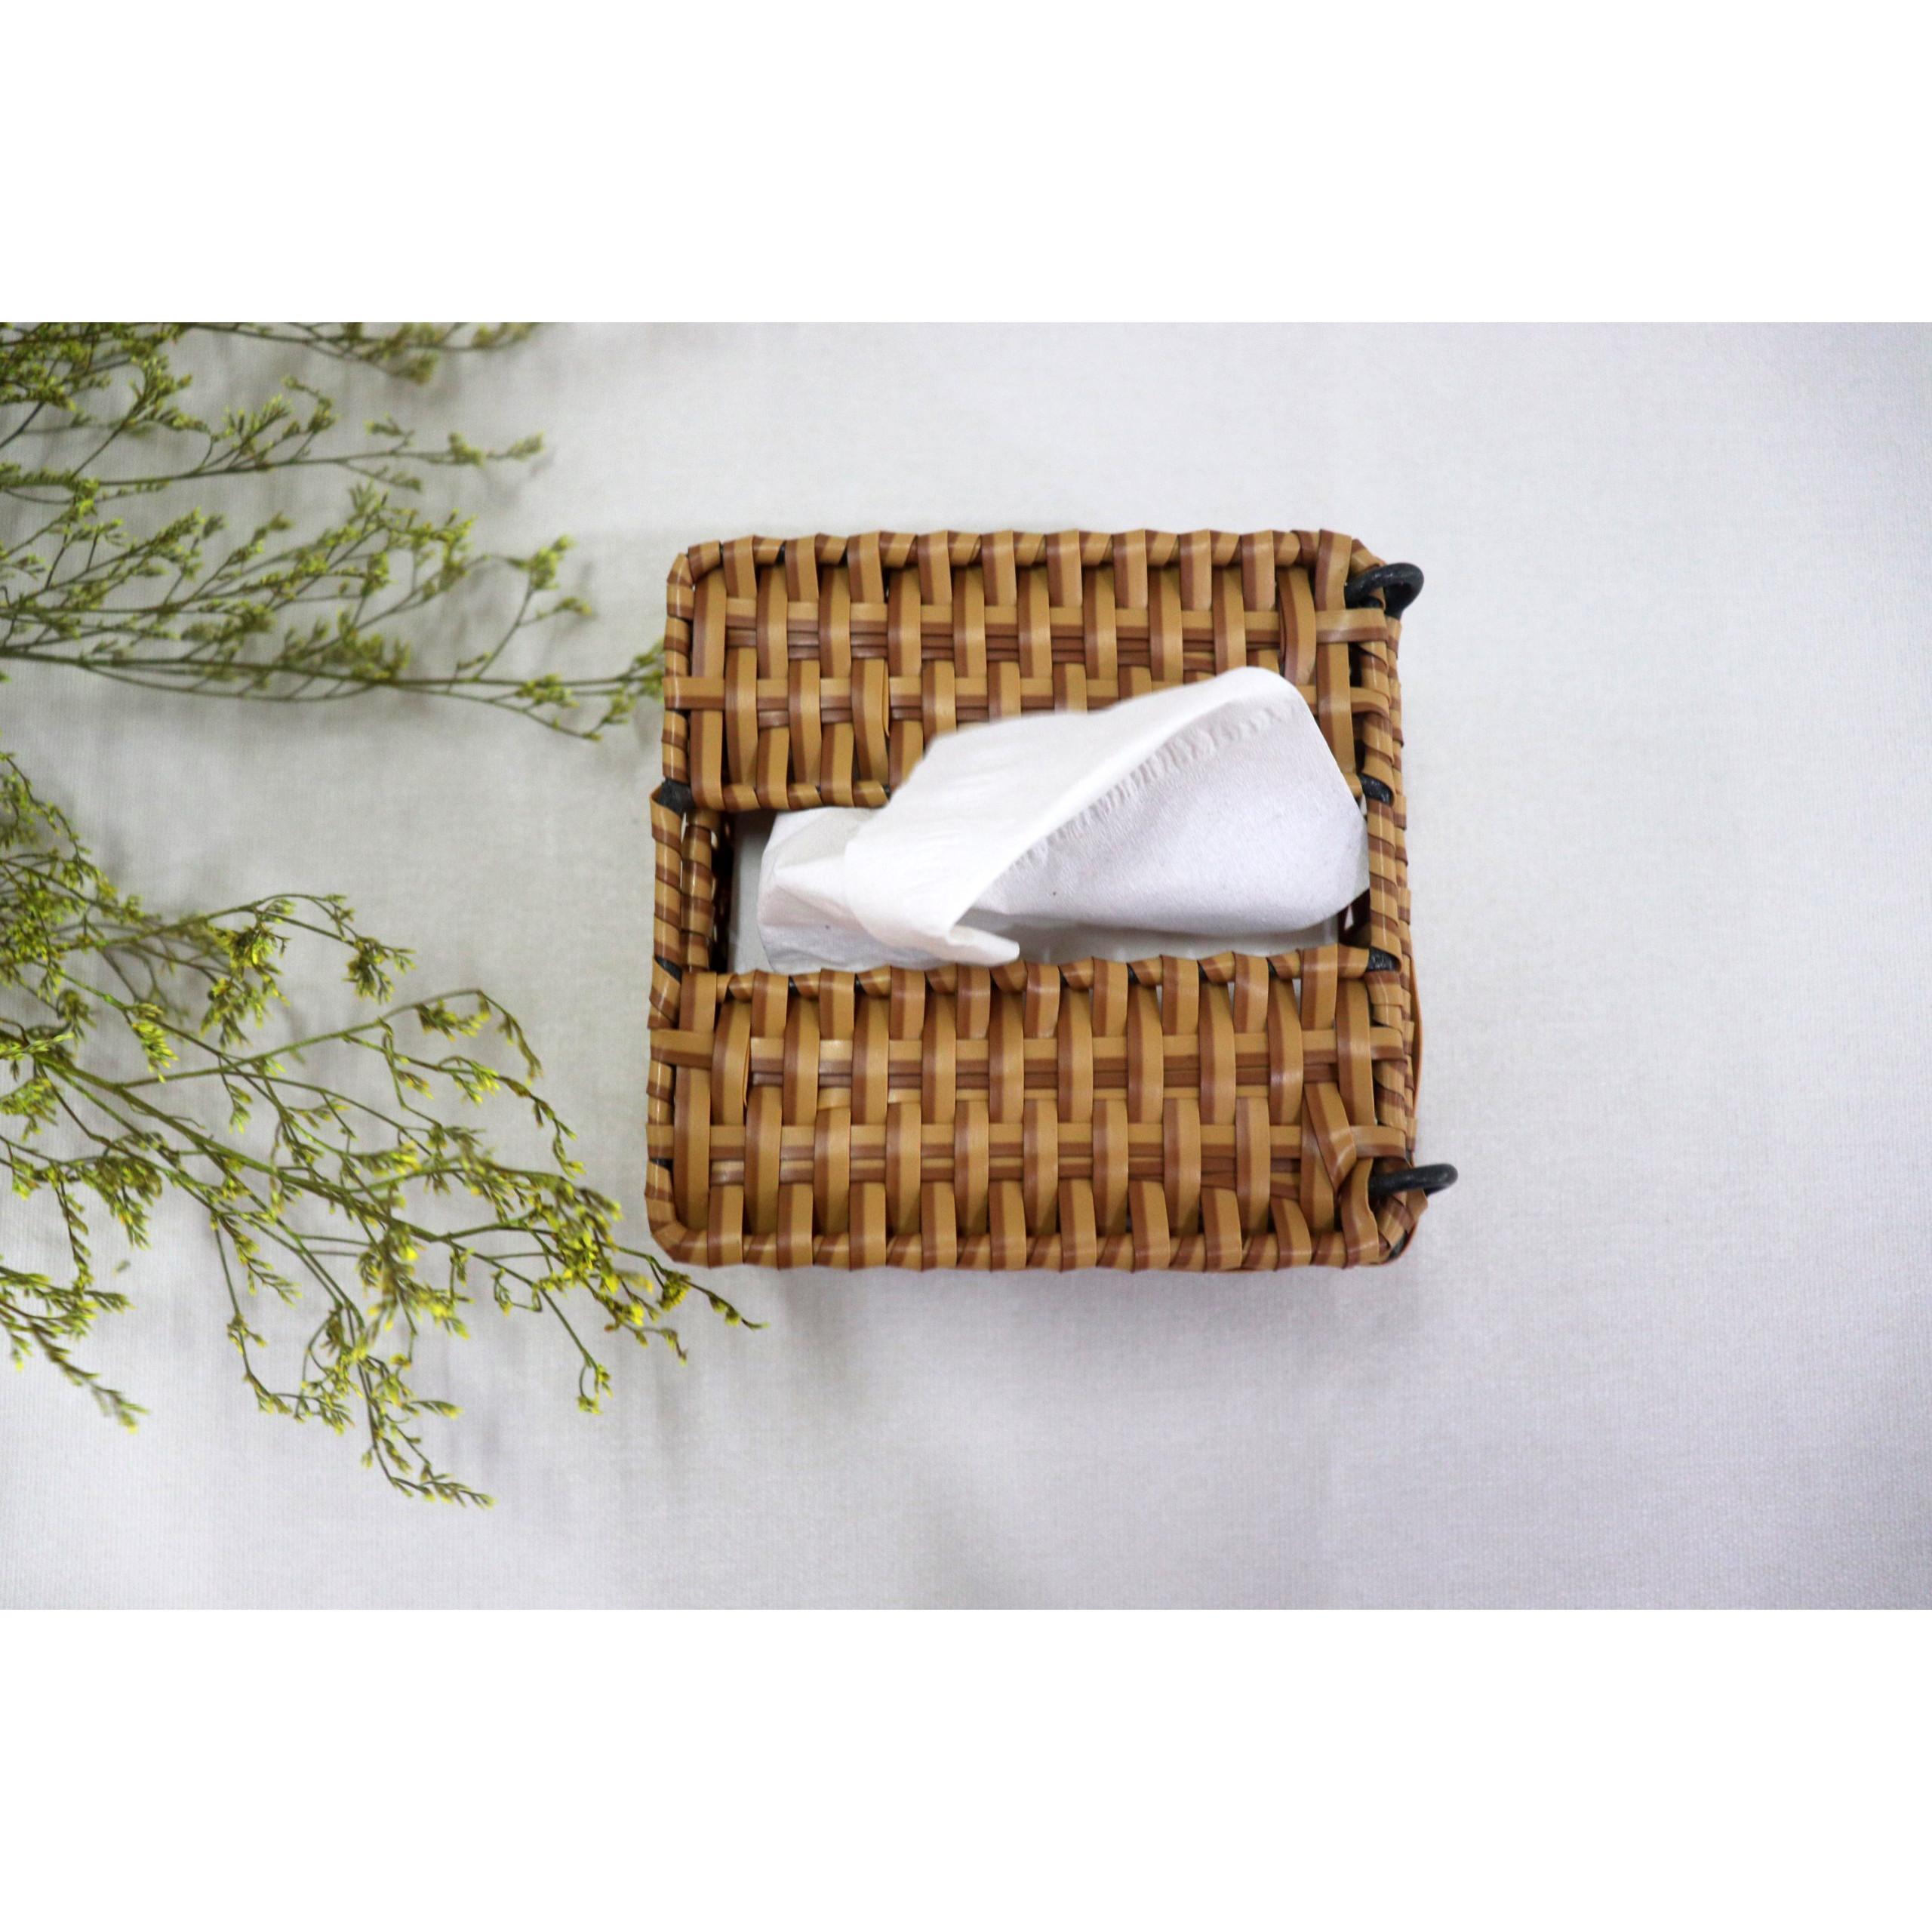 hộp đựng khăn giấy, hộp đựng giấy bằng nhựa giả mây, D13x13cm